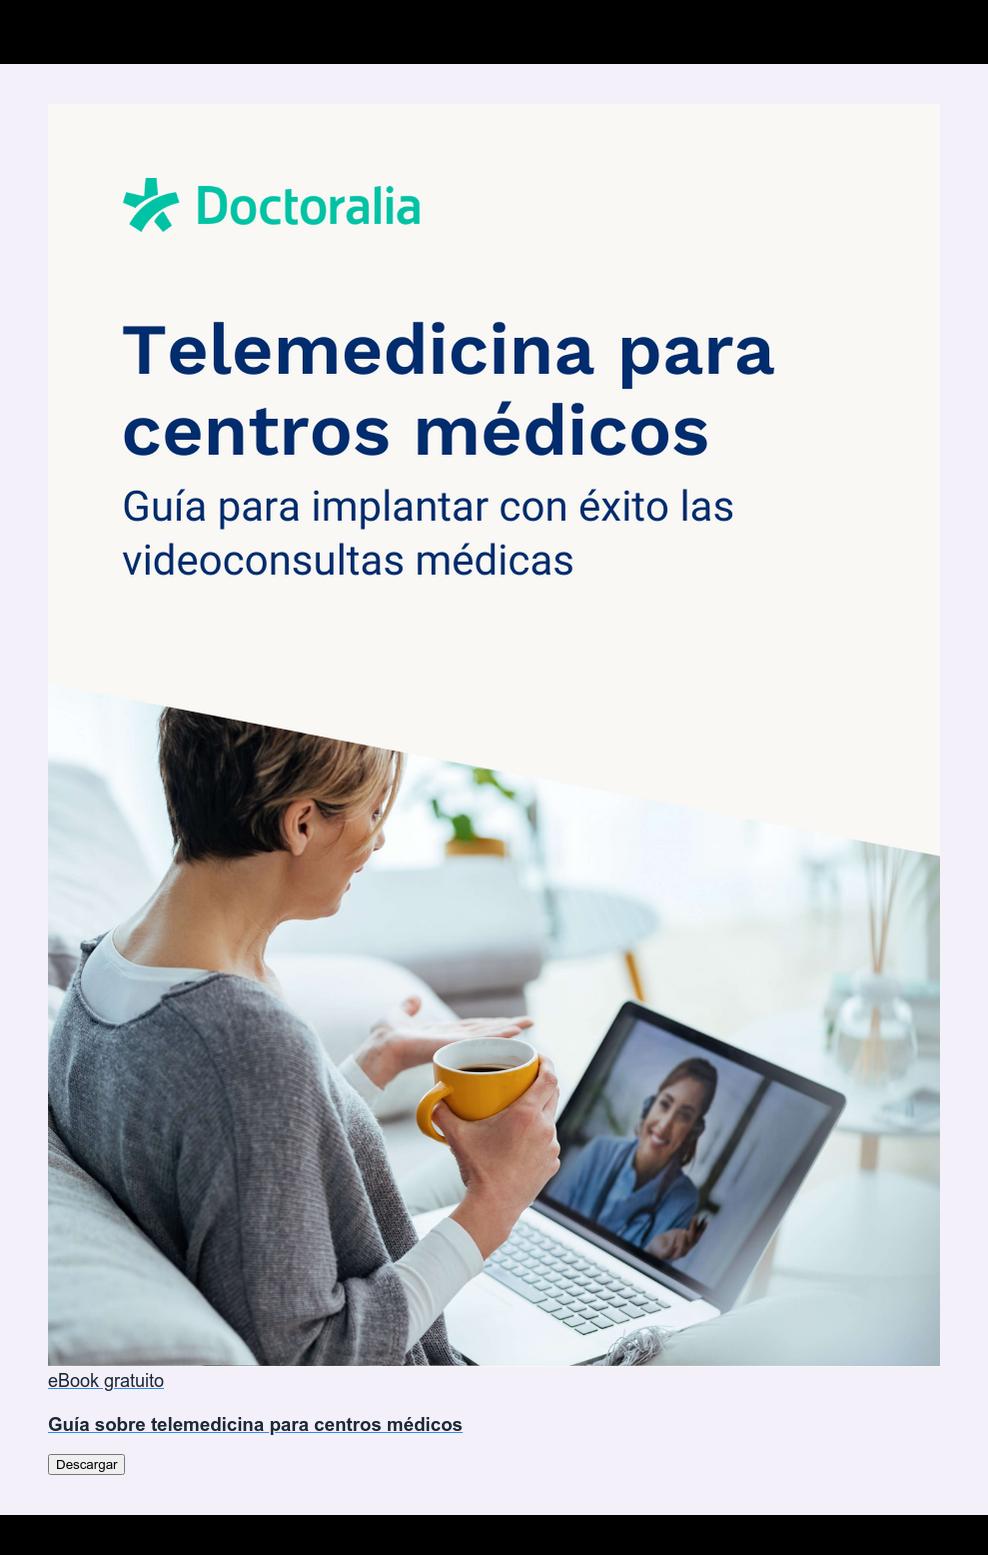 eBook gratuito  Guía sobre telemedicina para centros médicos Descargar